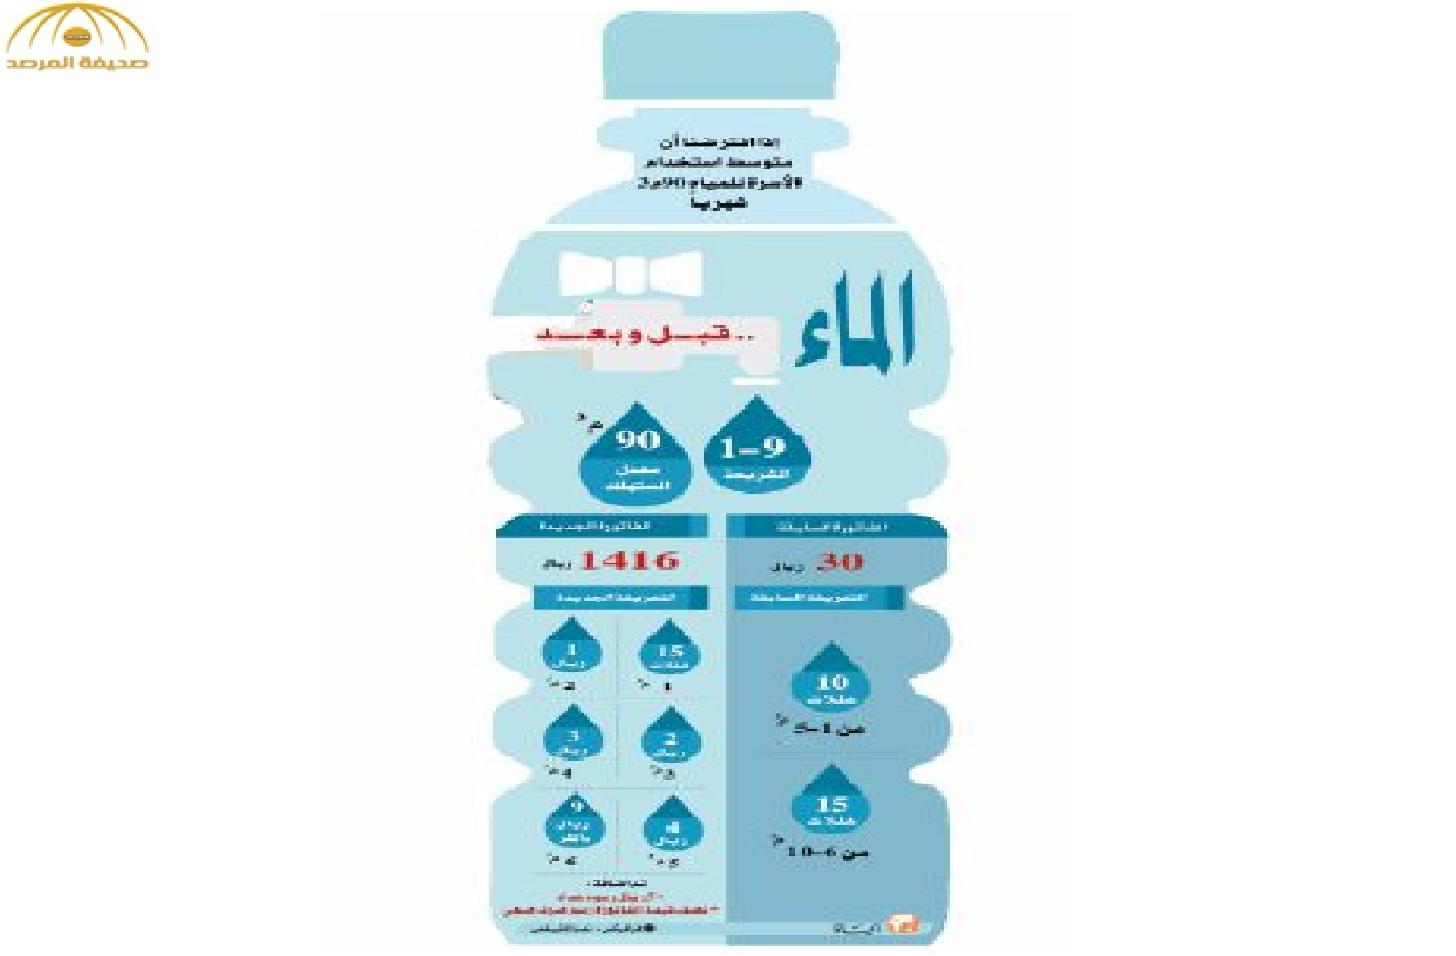 أزمة «تواصل» مع شركة المياه الوطنية… وجدل فواتير المياه يستمر